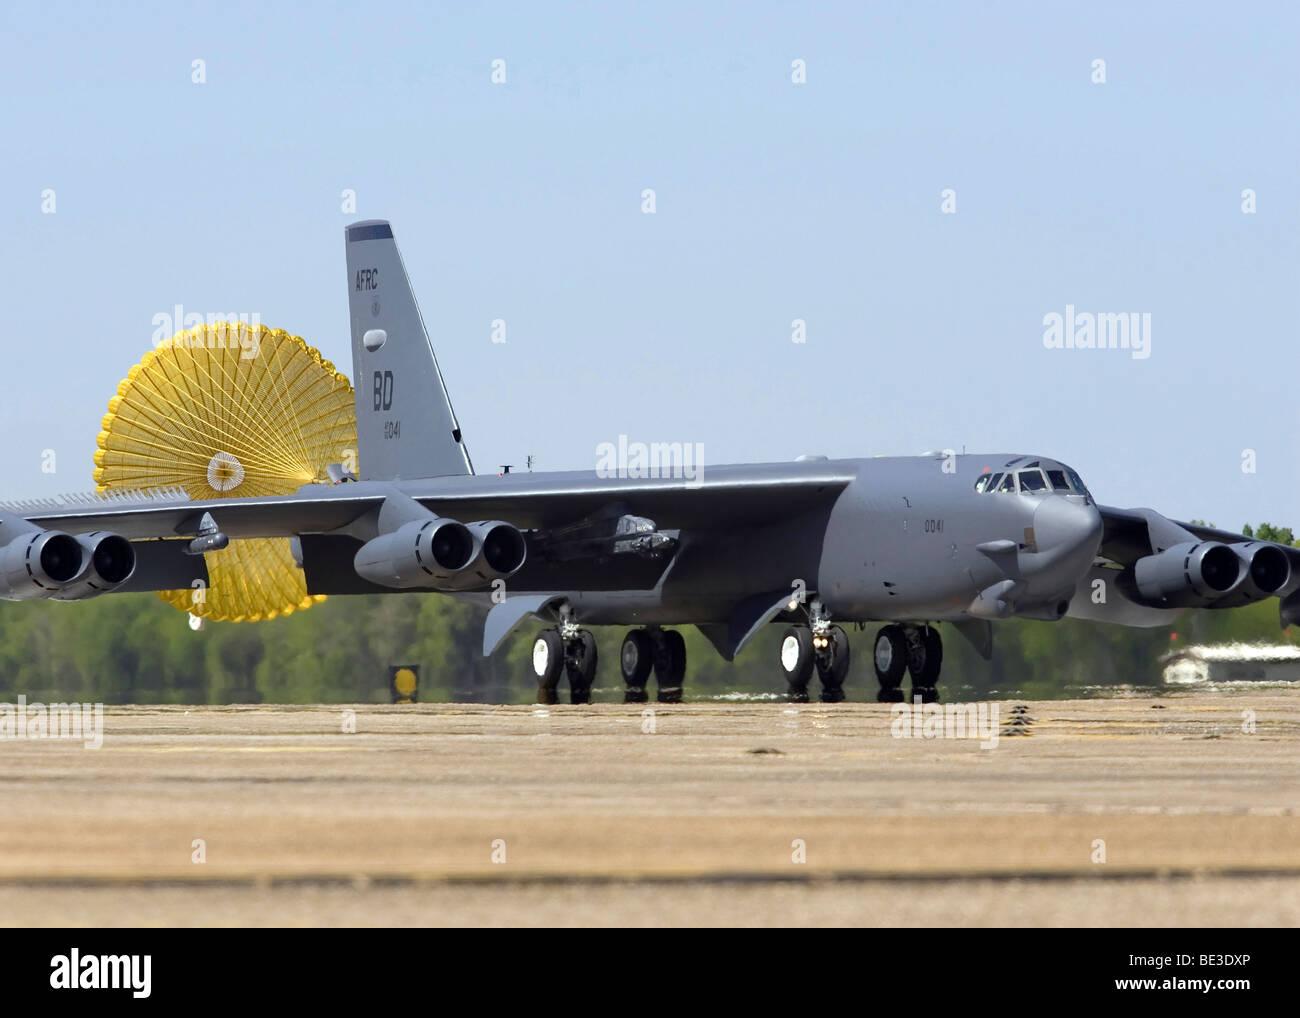 Un B-52 Stratofortress déploie sa chute glisser. Photo Stock